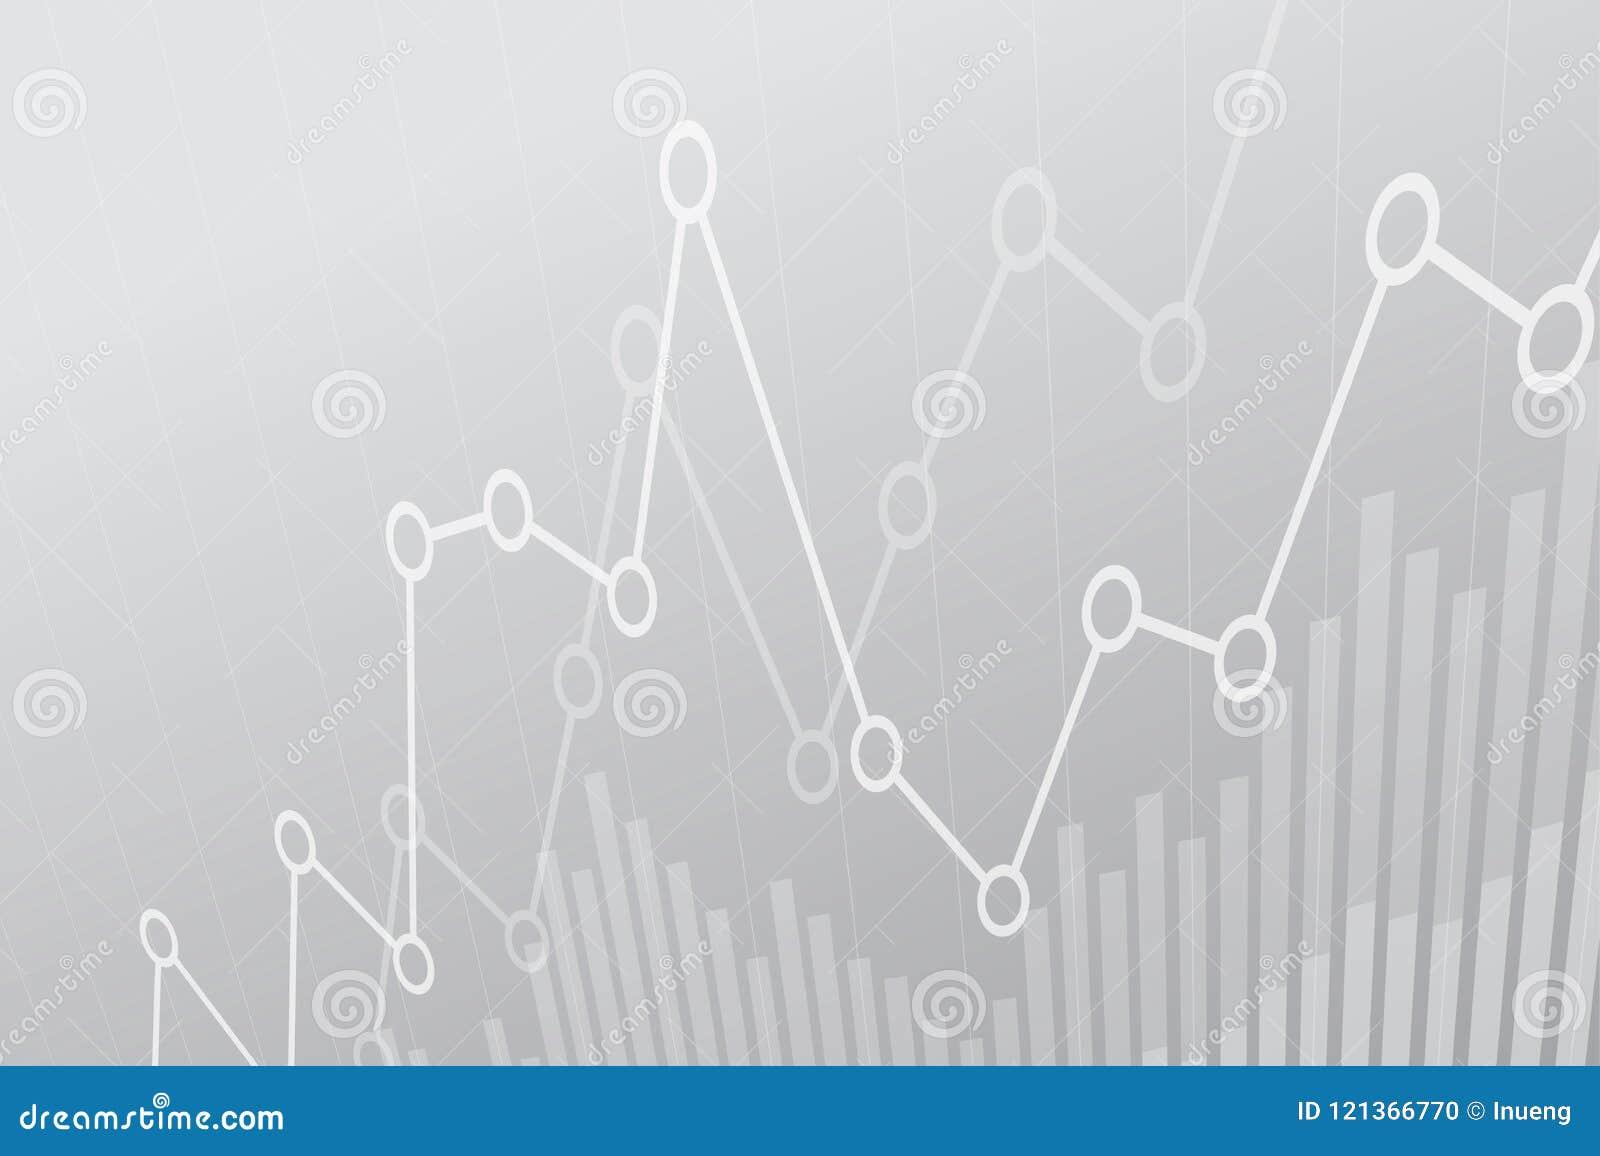 Αφηρημένο οικονομικό διάγραμμα με uptrend τη γραφική παράσταση γραμμών στο γκρίζο υπόβαθρο